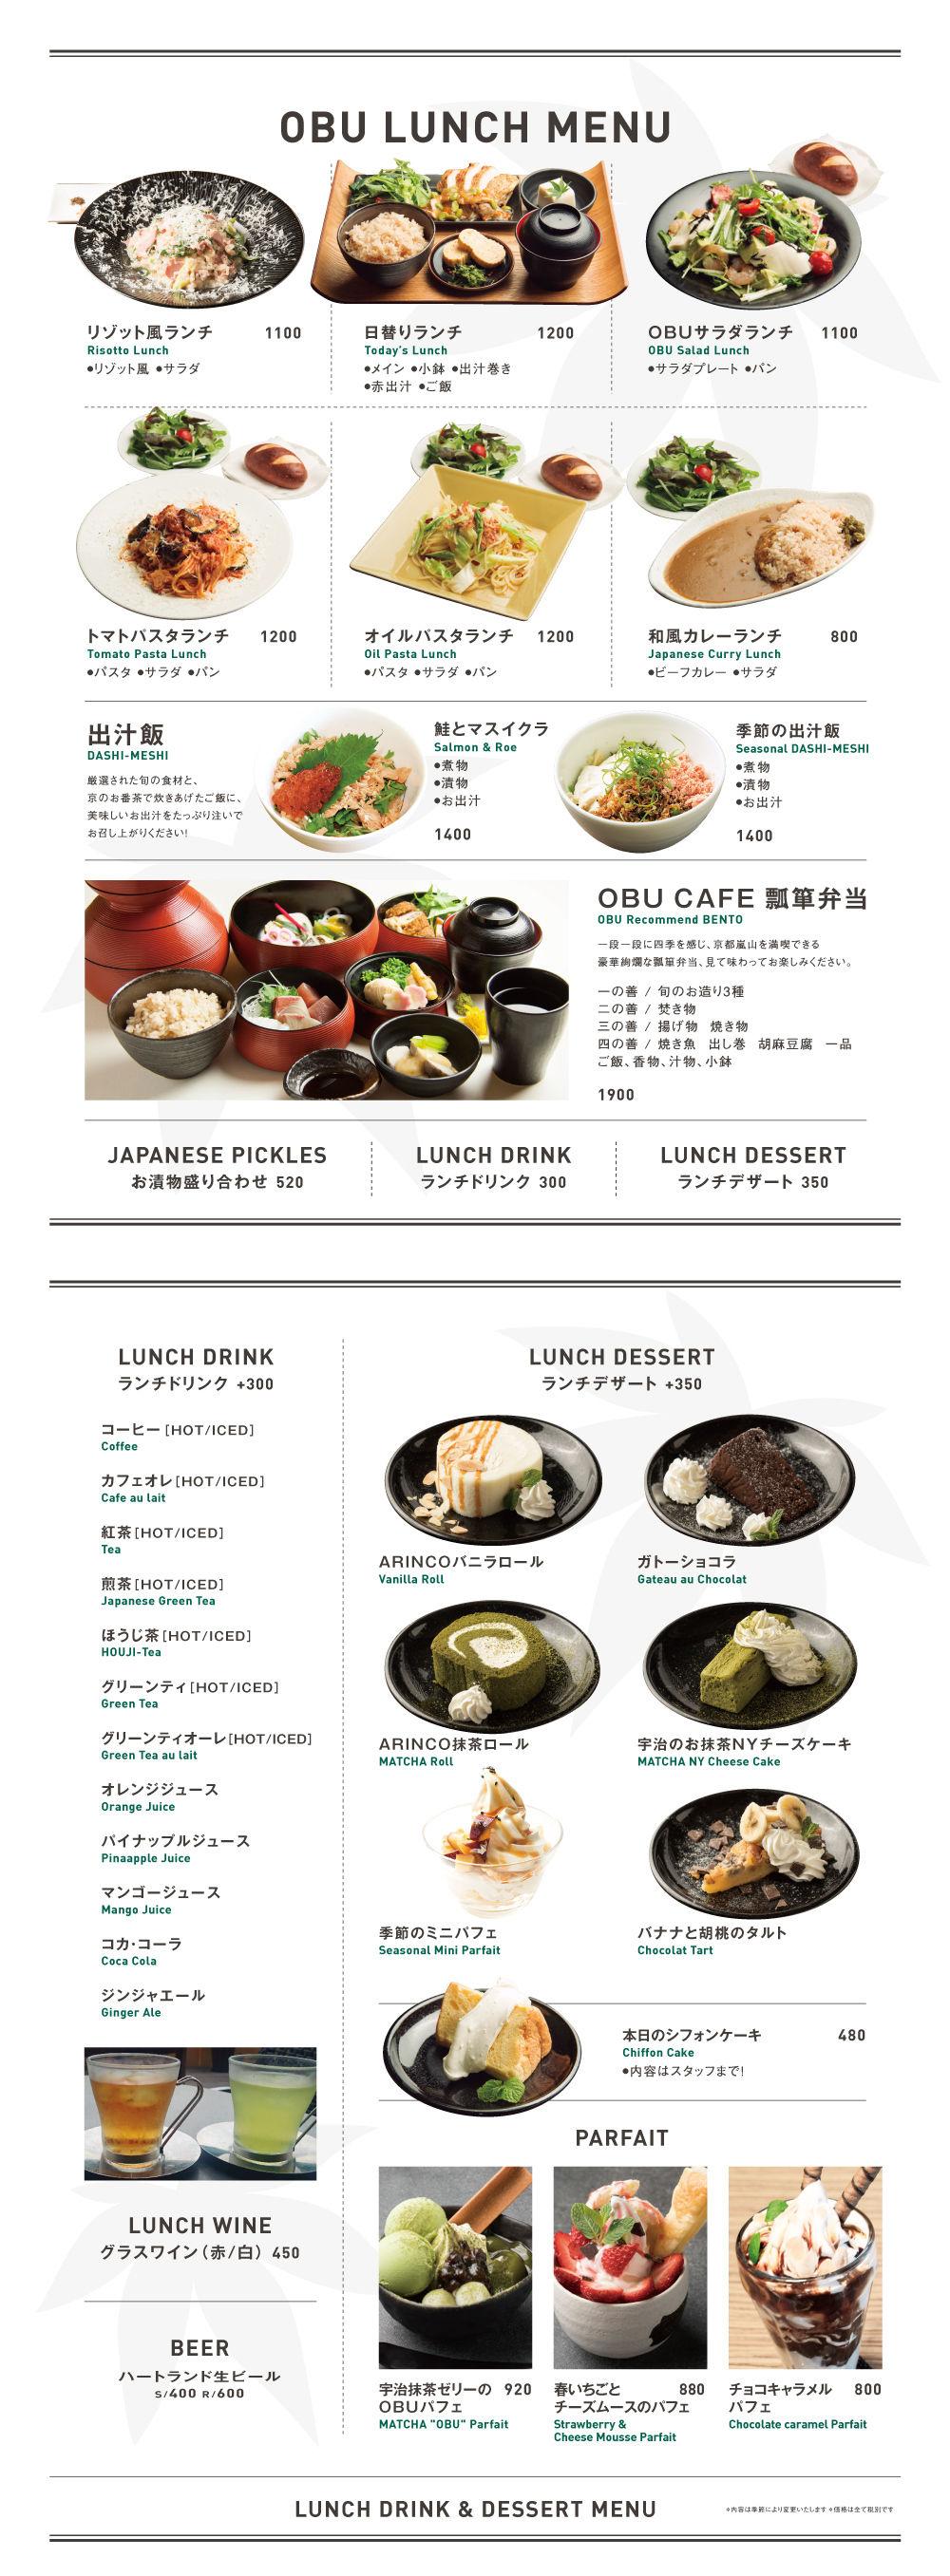 飲食店の企画 経営 株式会社バルニバービ obu cafe lunch menu